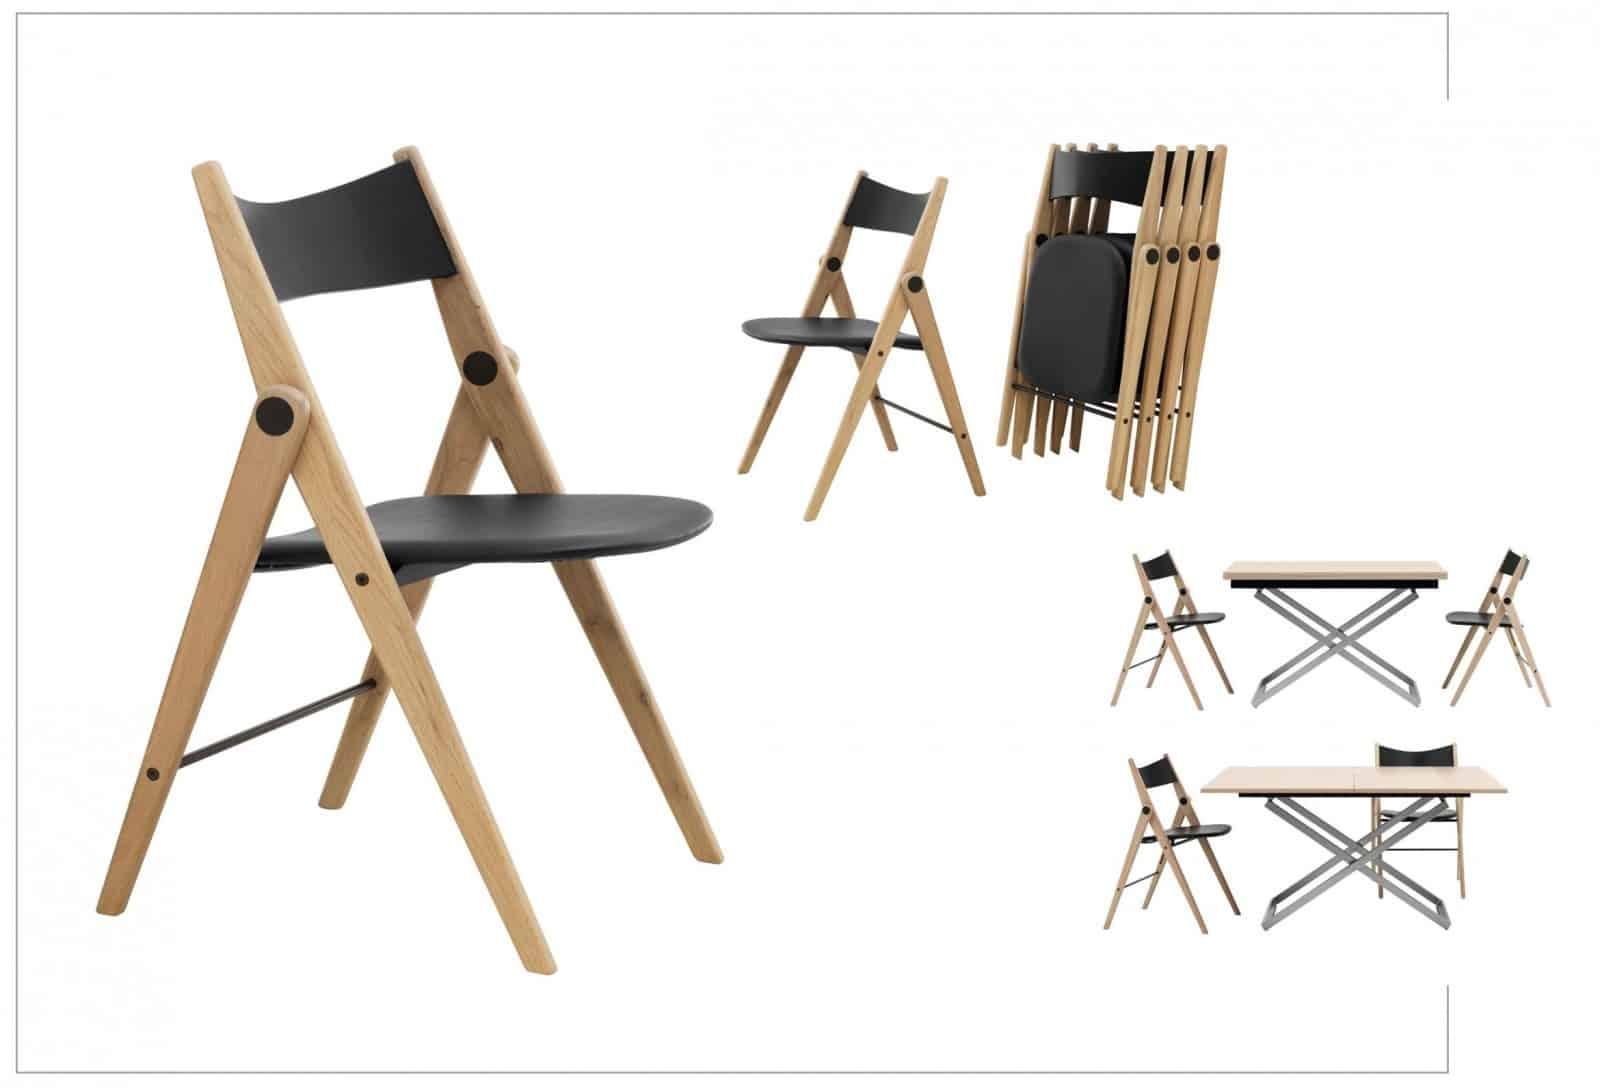 lieferung vor weihnachten bestellen bis. Black Bedroom Furniture Sets. Home Design Ideas